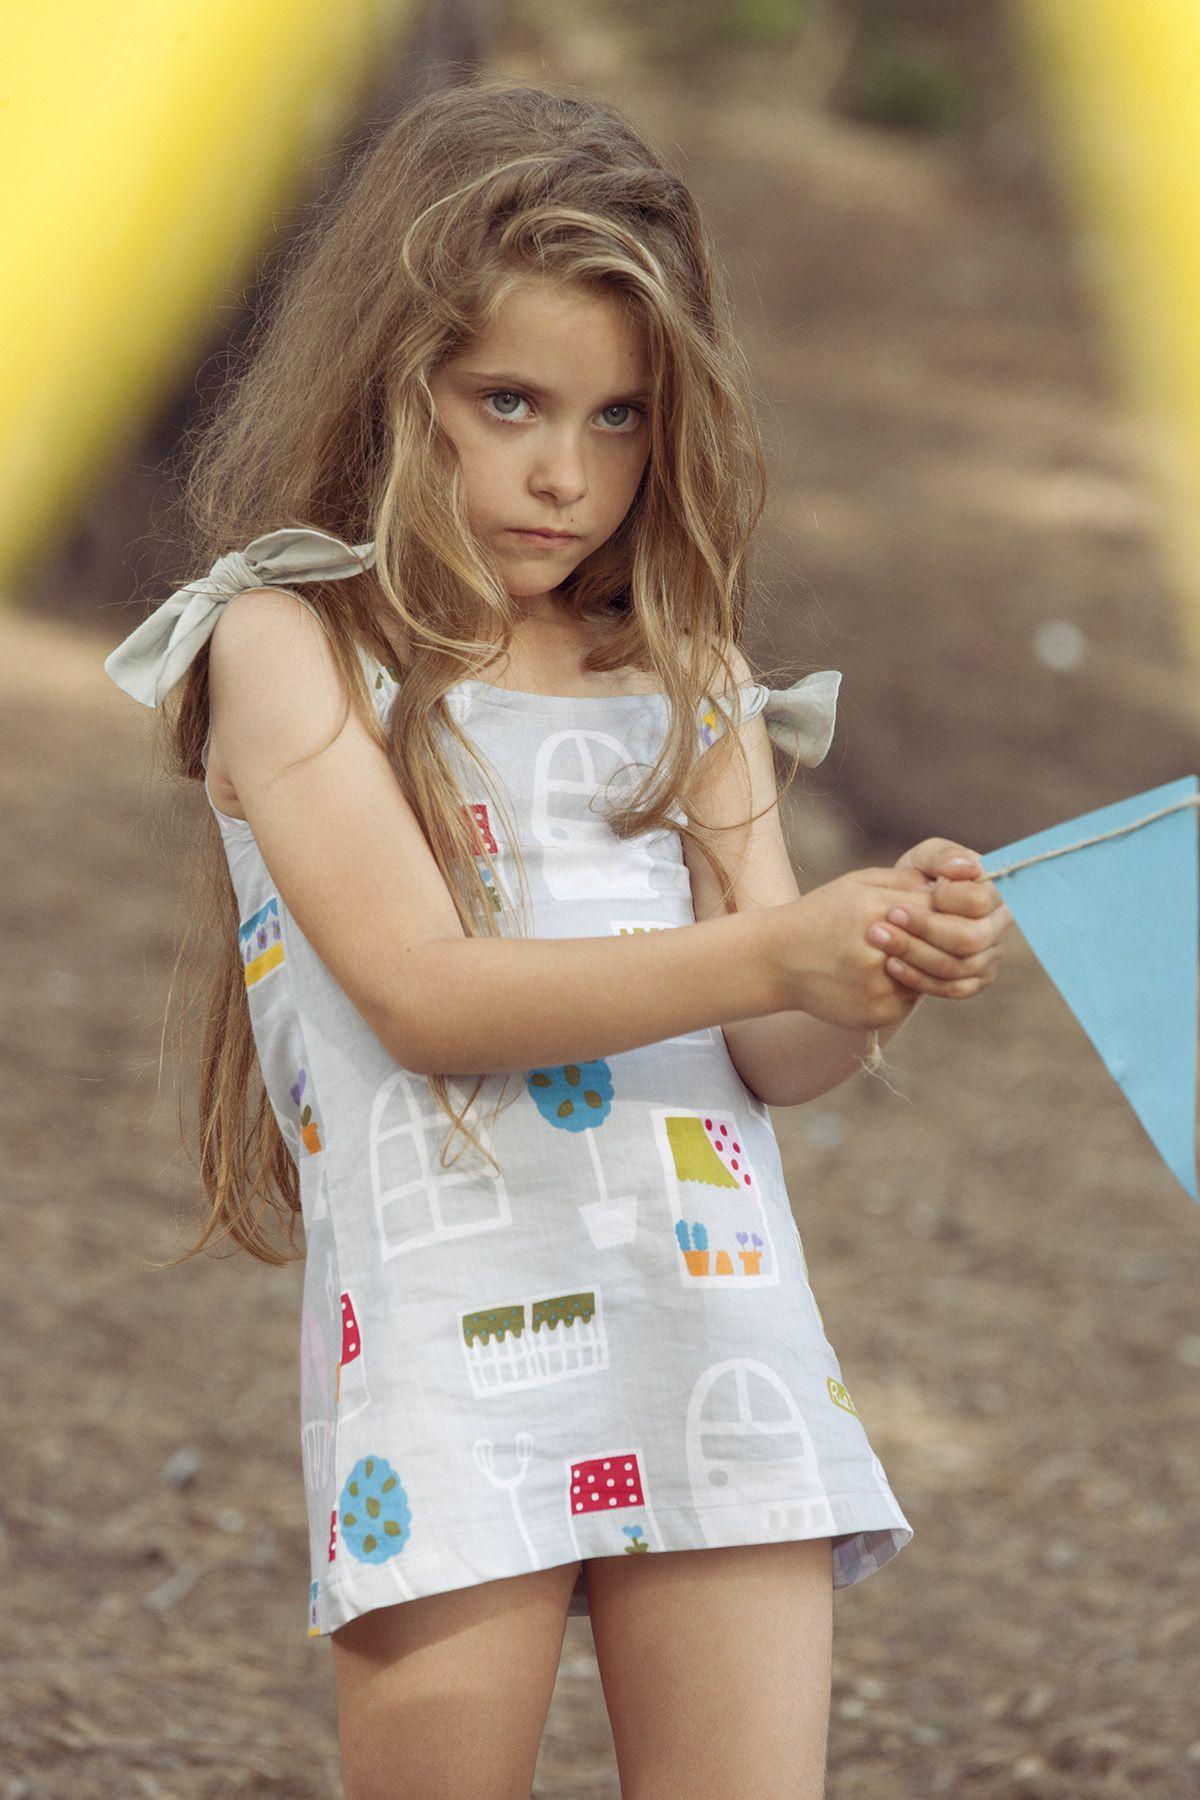 Épinglé sur Models fashion